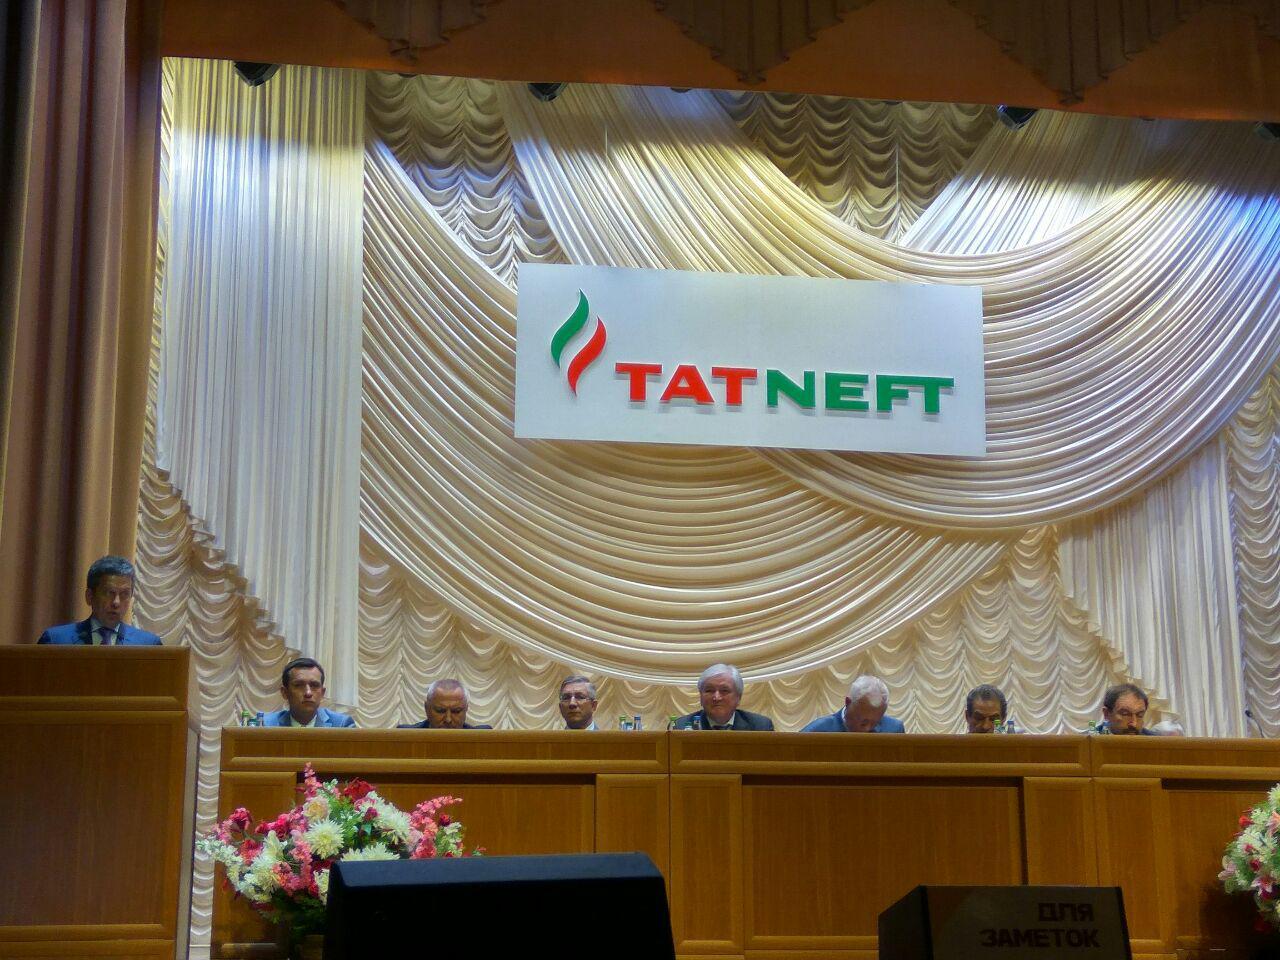 «Татнефть» сократила нефтедобычу на 3 тыс. баррелей в сутки из-за ОПЕК